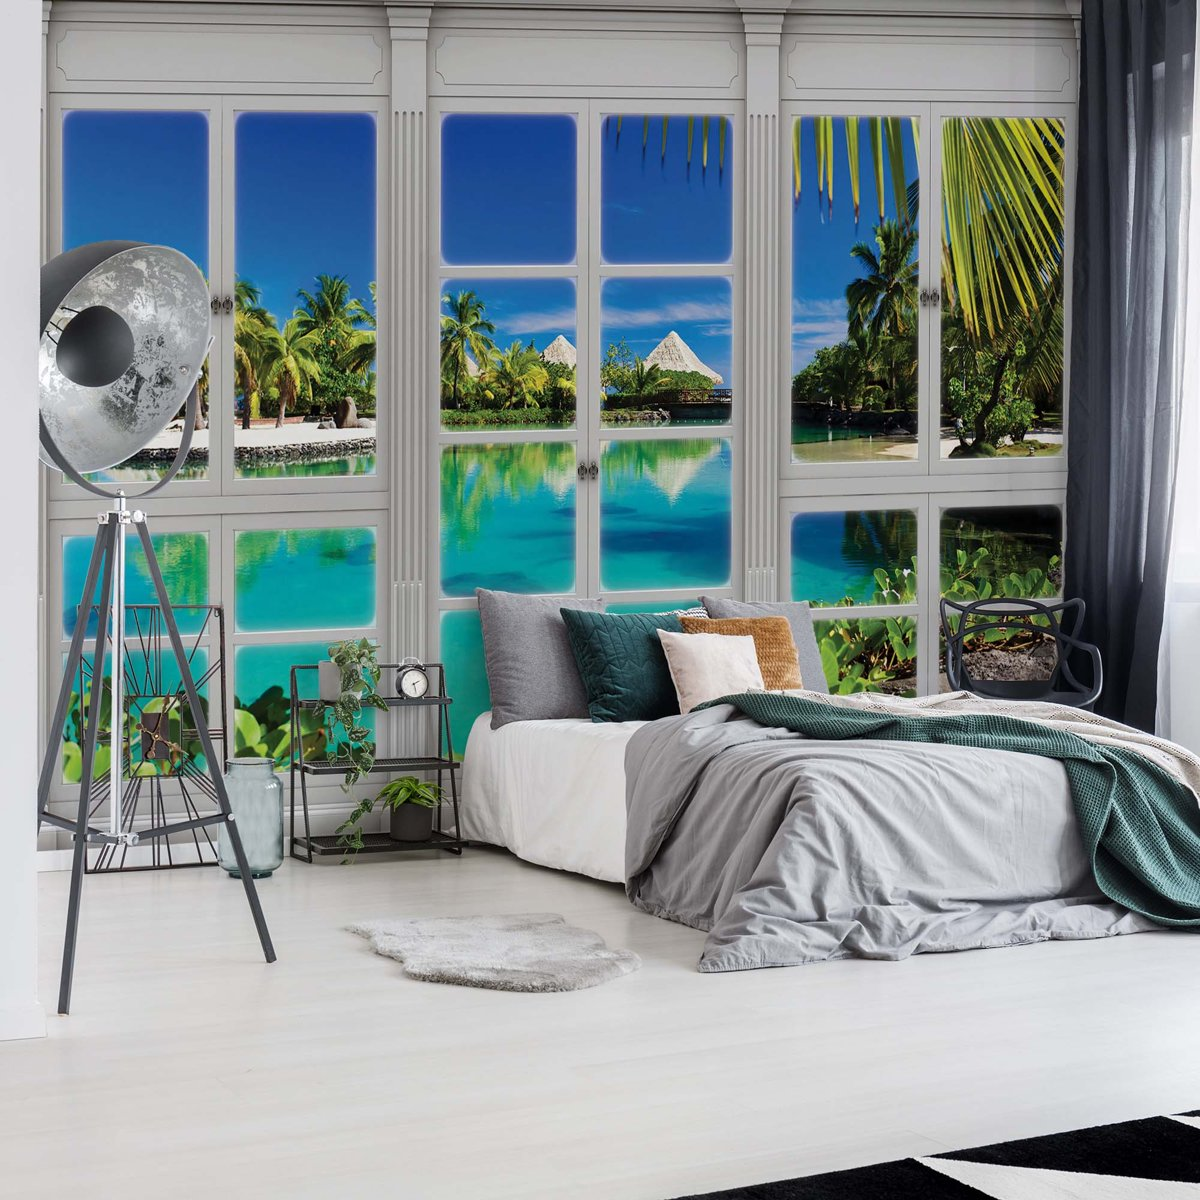 Fotobehang 3D Door View Tropical Lagoon   VEL - 152.5cm x 104cm   130gr/m2 Vlies kopen